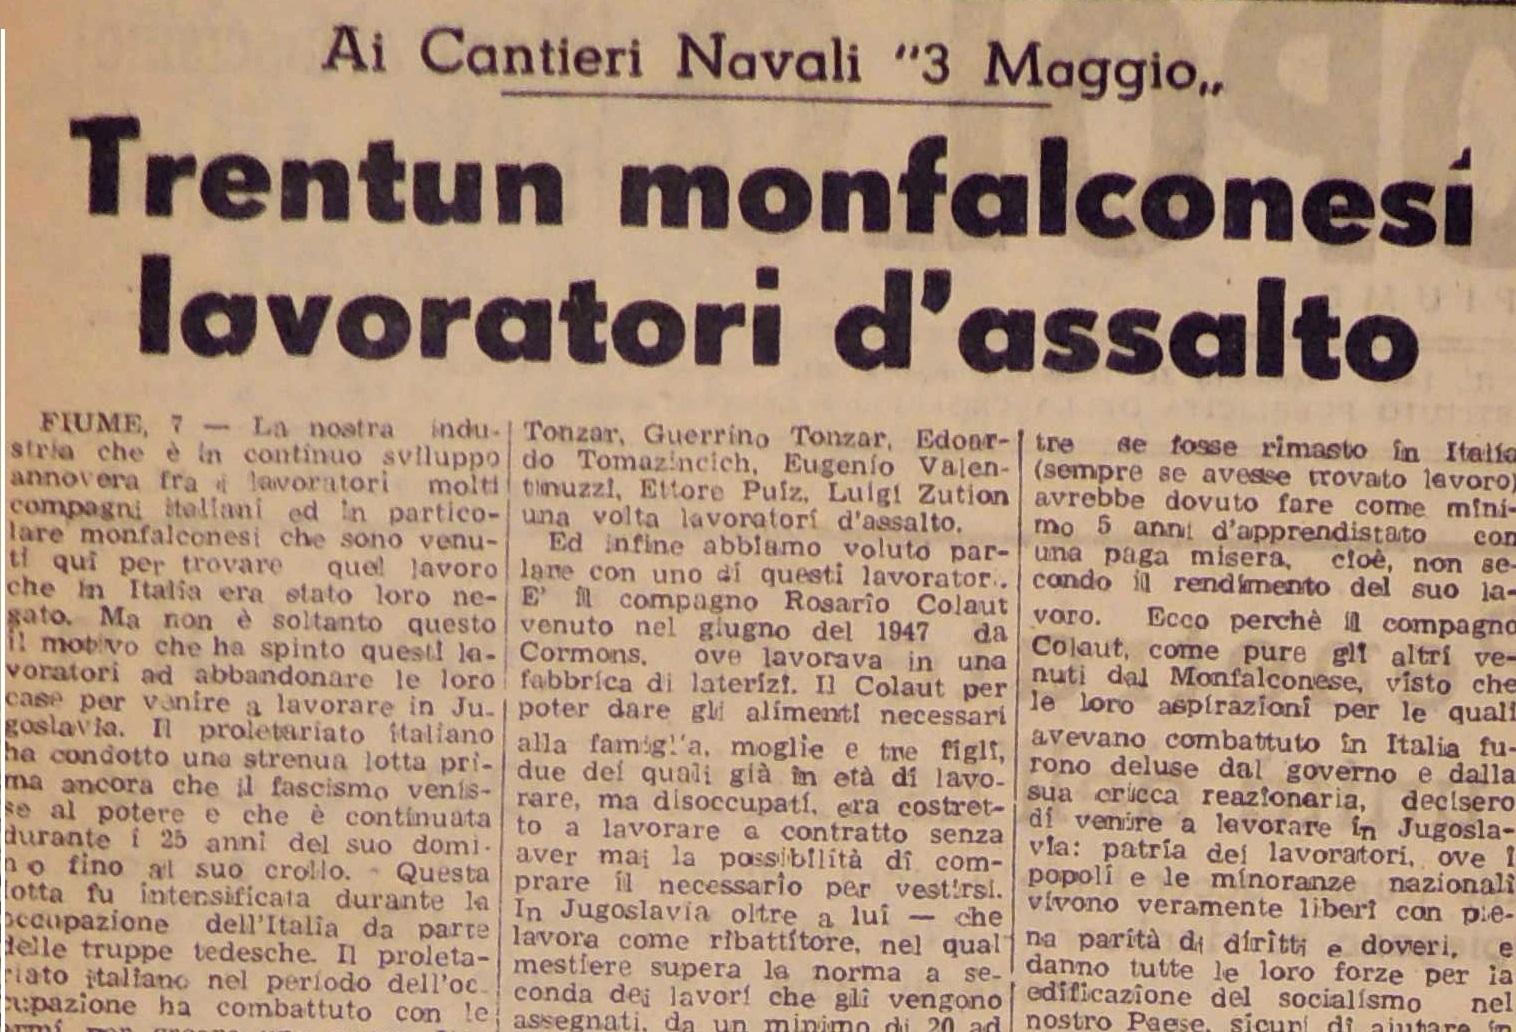 La voce del Popolo, gennaio 1949